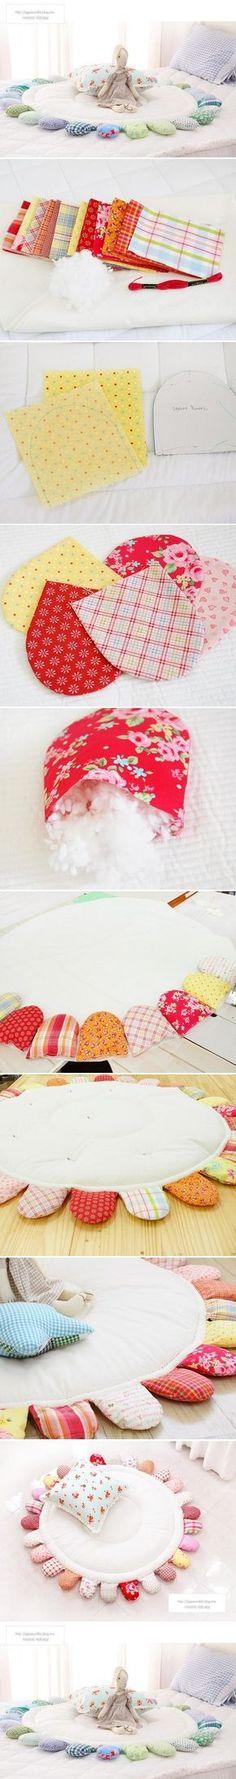 DIY Children Rug Patchwork